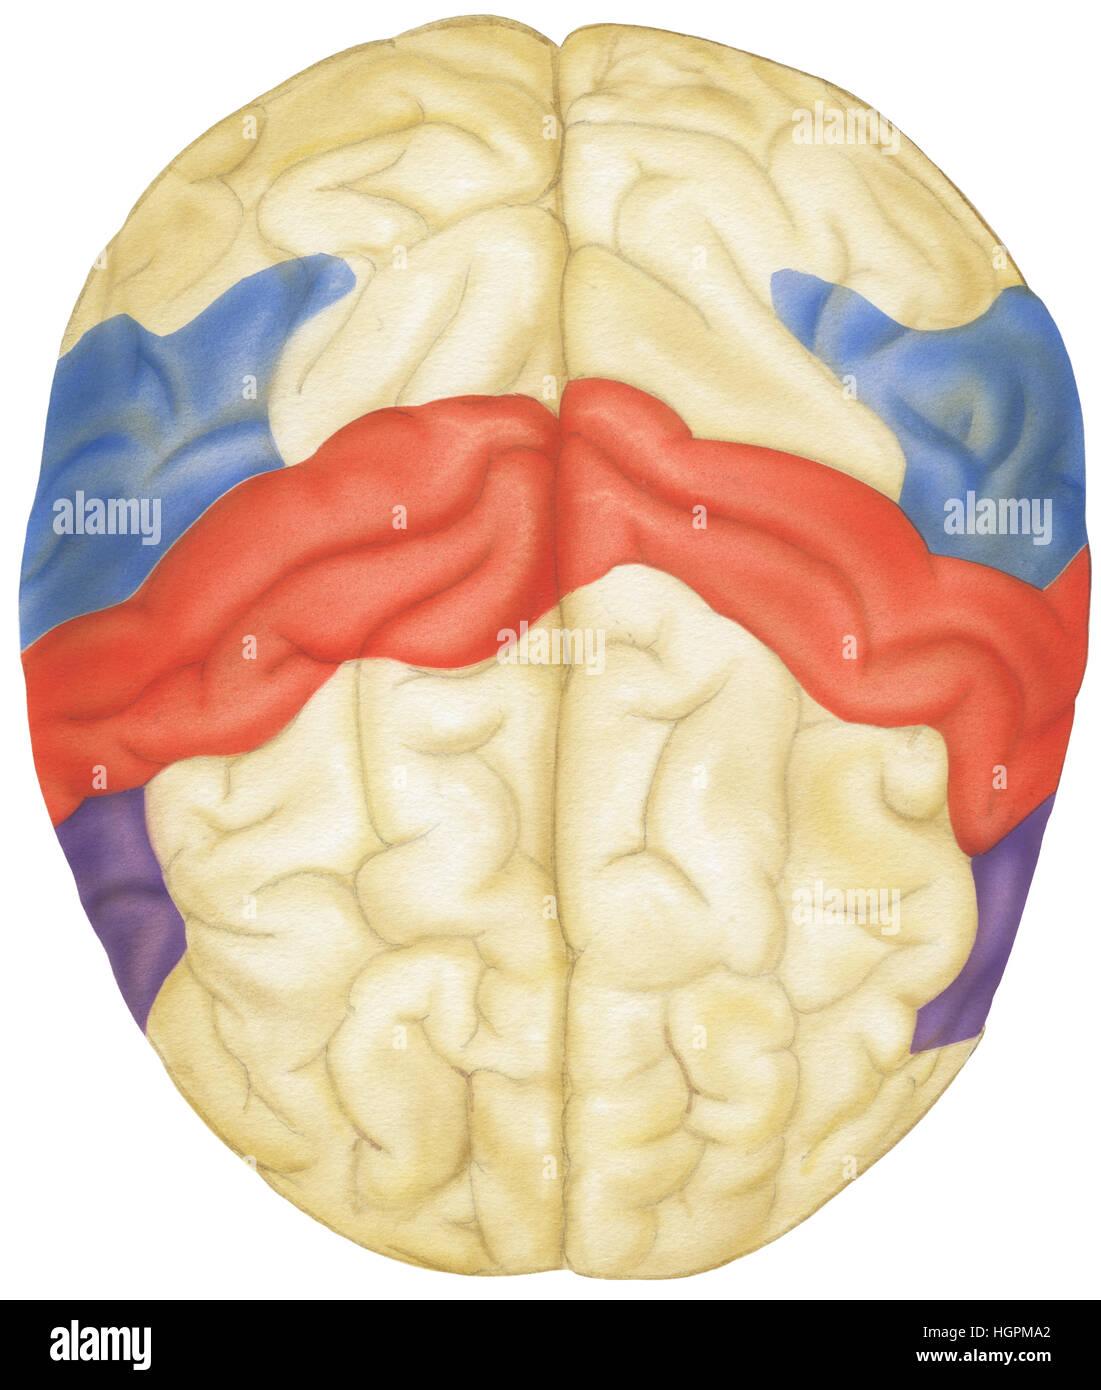 Vista superior del cerebro humano. Mostrados son los lóbulos parietales, corteza sensorial, angulares, girus Imagen De Stock